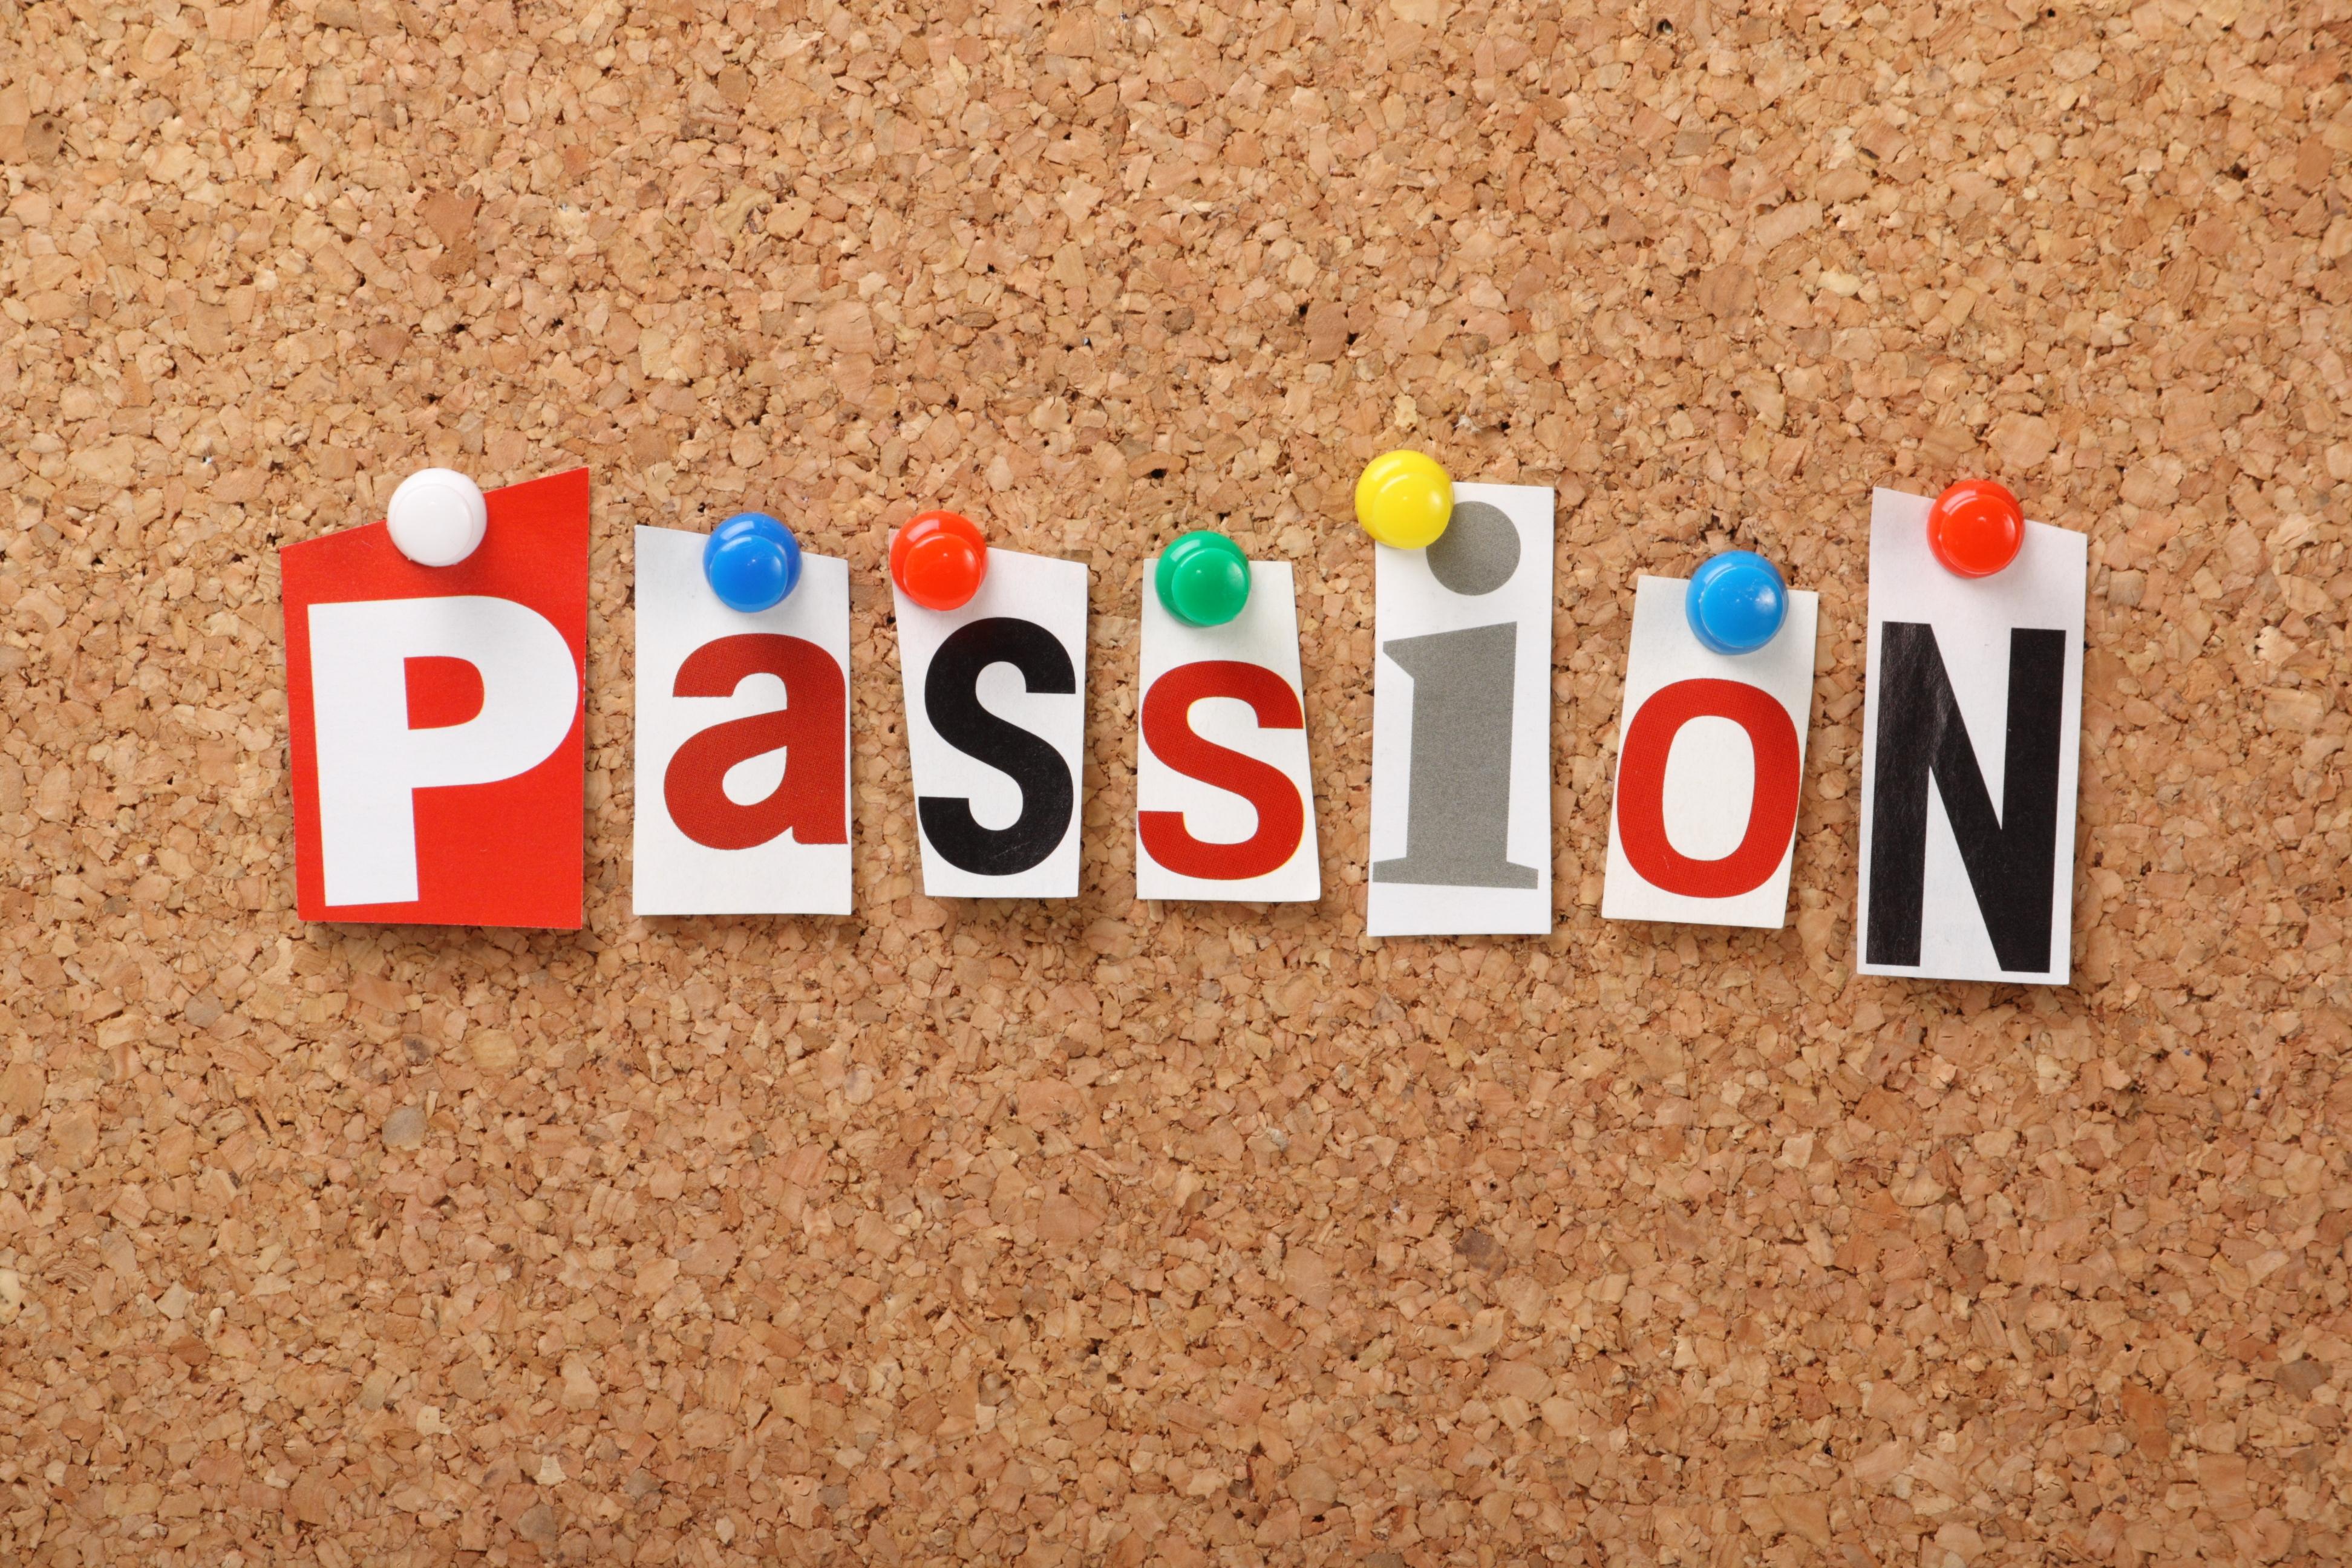 passion post it